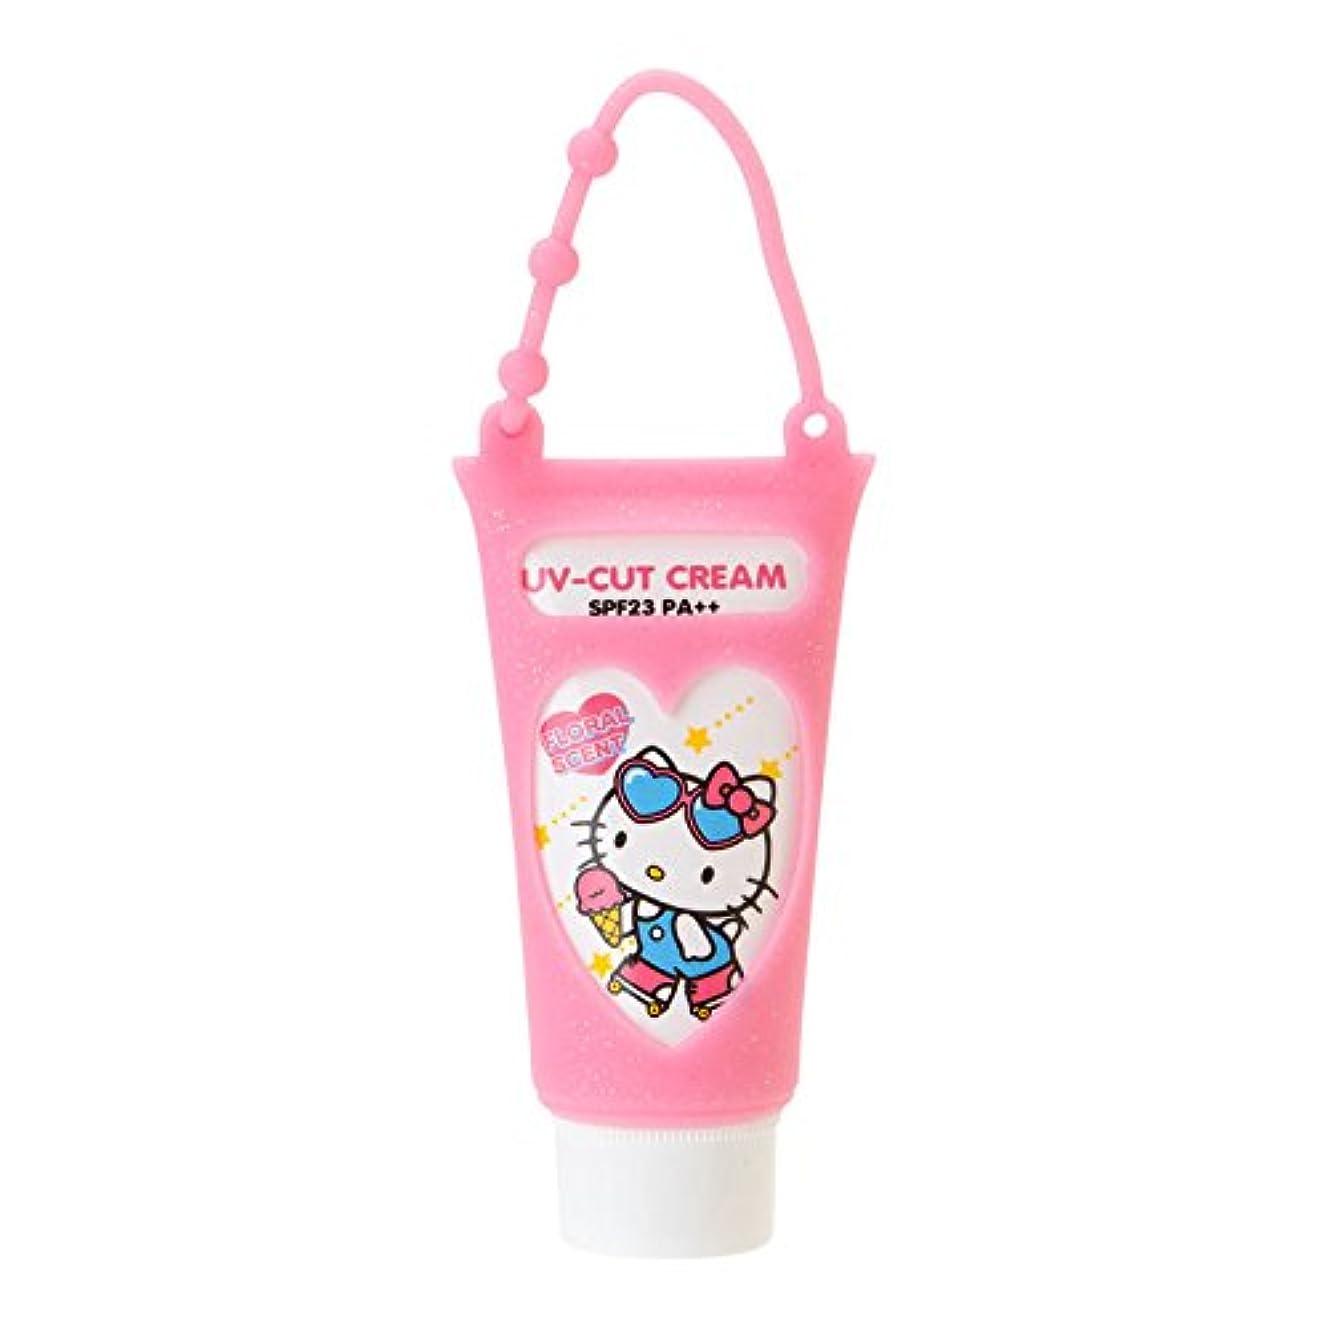 定規弱める信者ハローキティ 携帯UVクリーム(フローラルの香り)